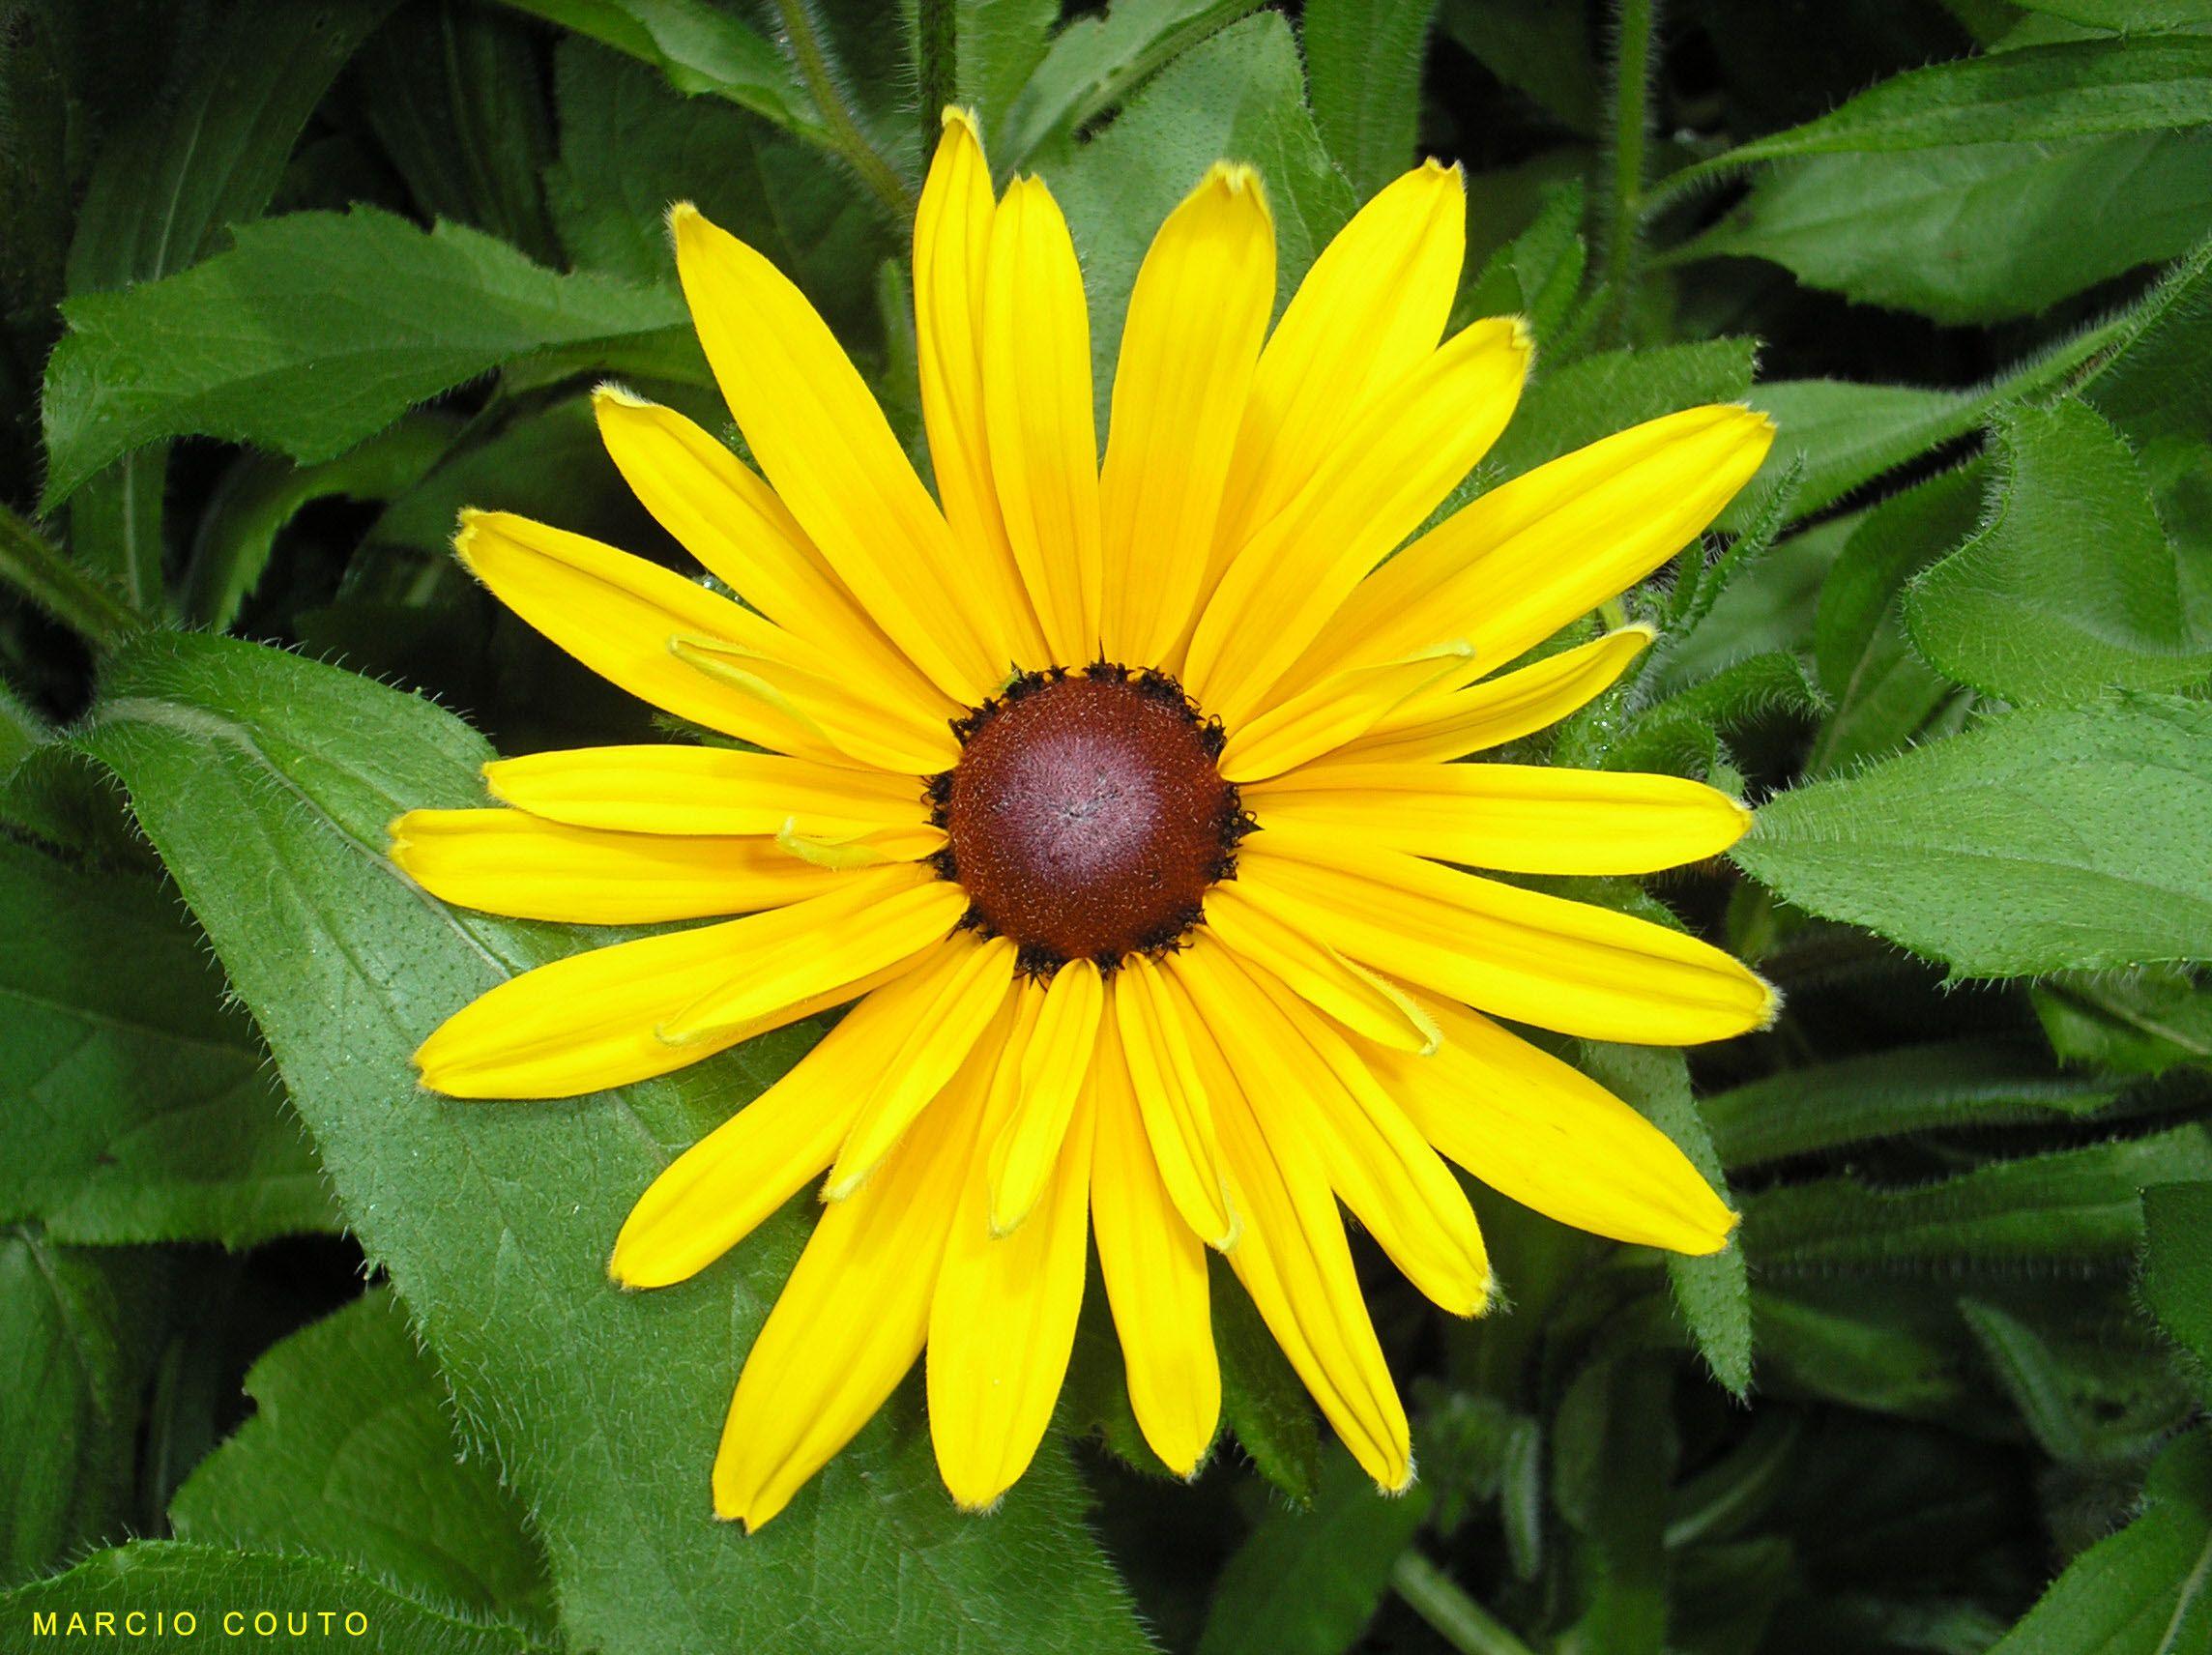 Flower Avatars Free Flowers Green Desktop Wallpaper Yellow Uploaded By Marcio